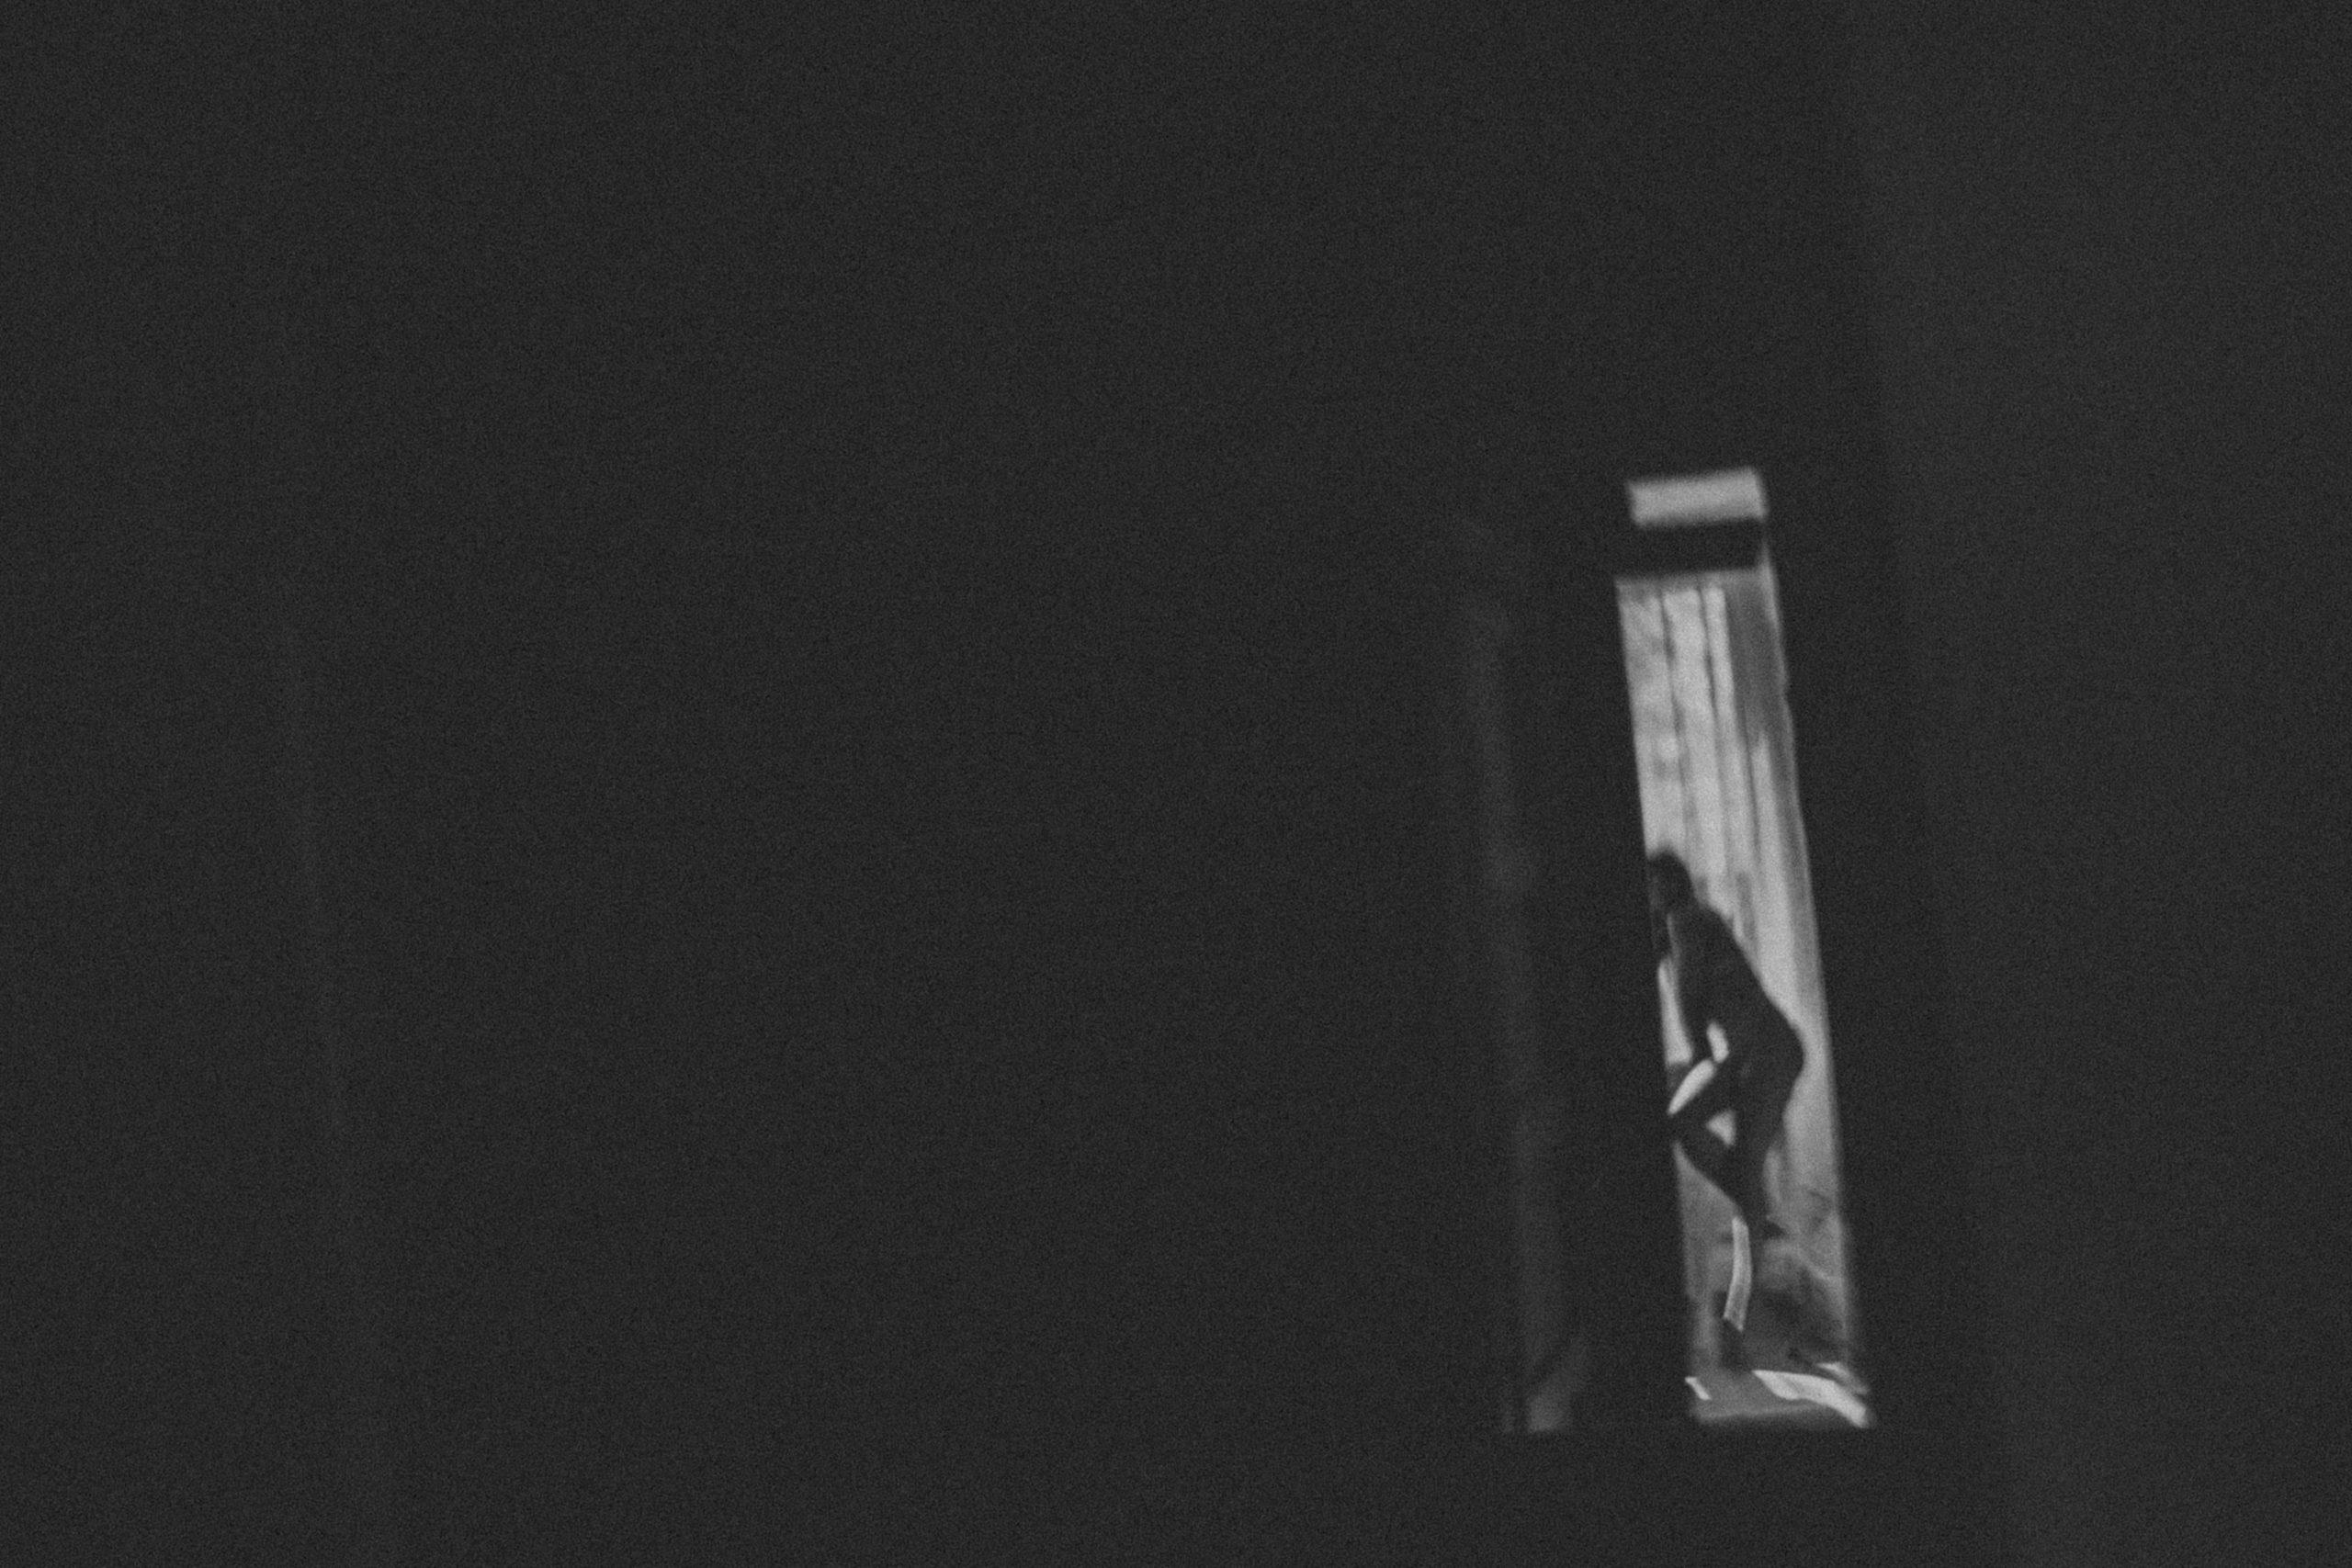 Baiļu rutīna. Foto: Sandra Jascherica